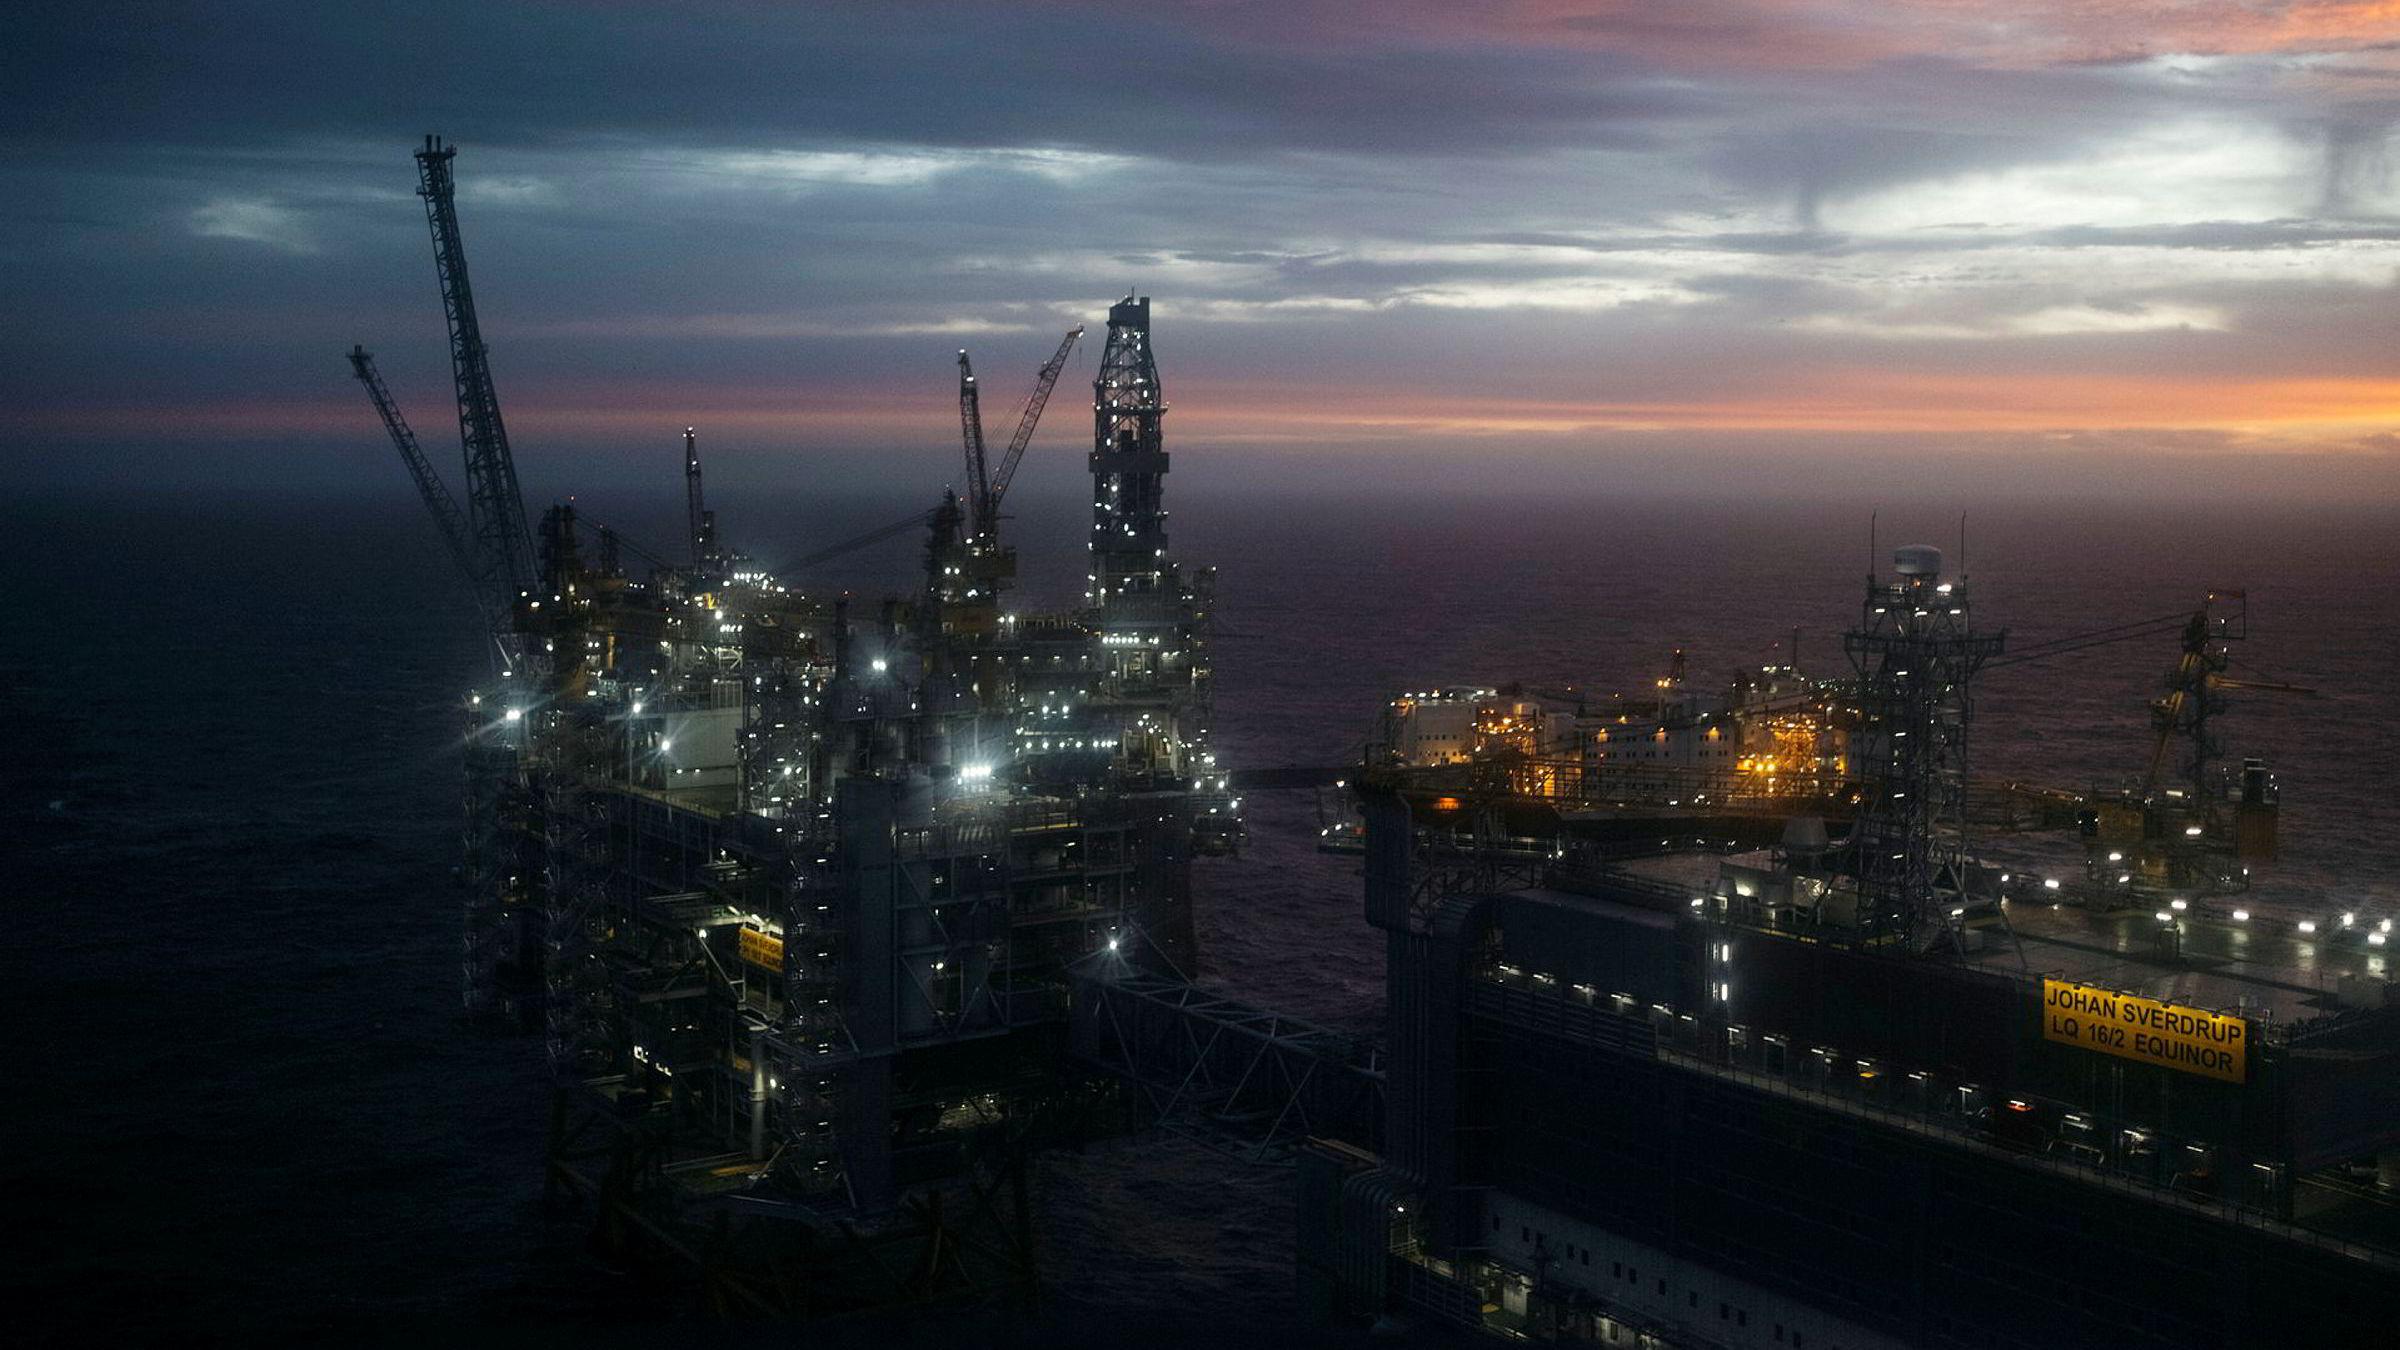 Et grønnere oljefond er ikke et forslag om å investere i grønne aksjer og prosjekter med lav forventet avkastning, mend at man tar hensyn til olje og gass i bakken når man sprer risikoen i Oljefondet, skriver artikkelforfatteren. Johan Sverdrup-feltet (bildet) ble åpnet i februar.